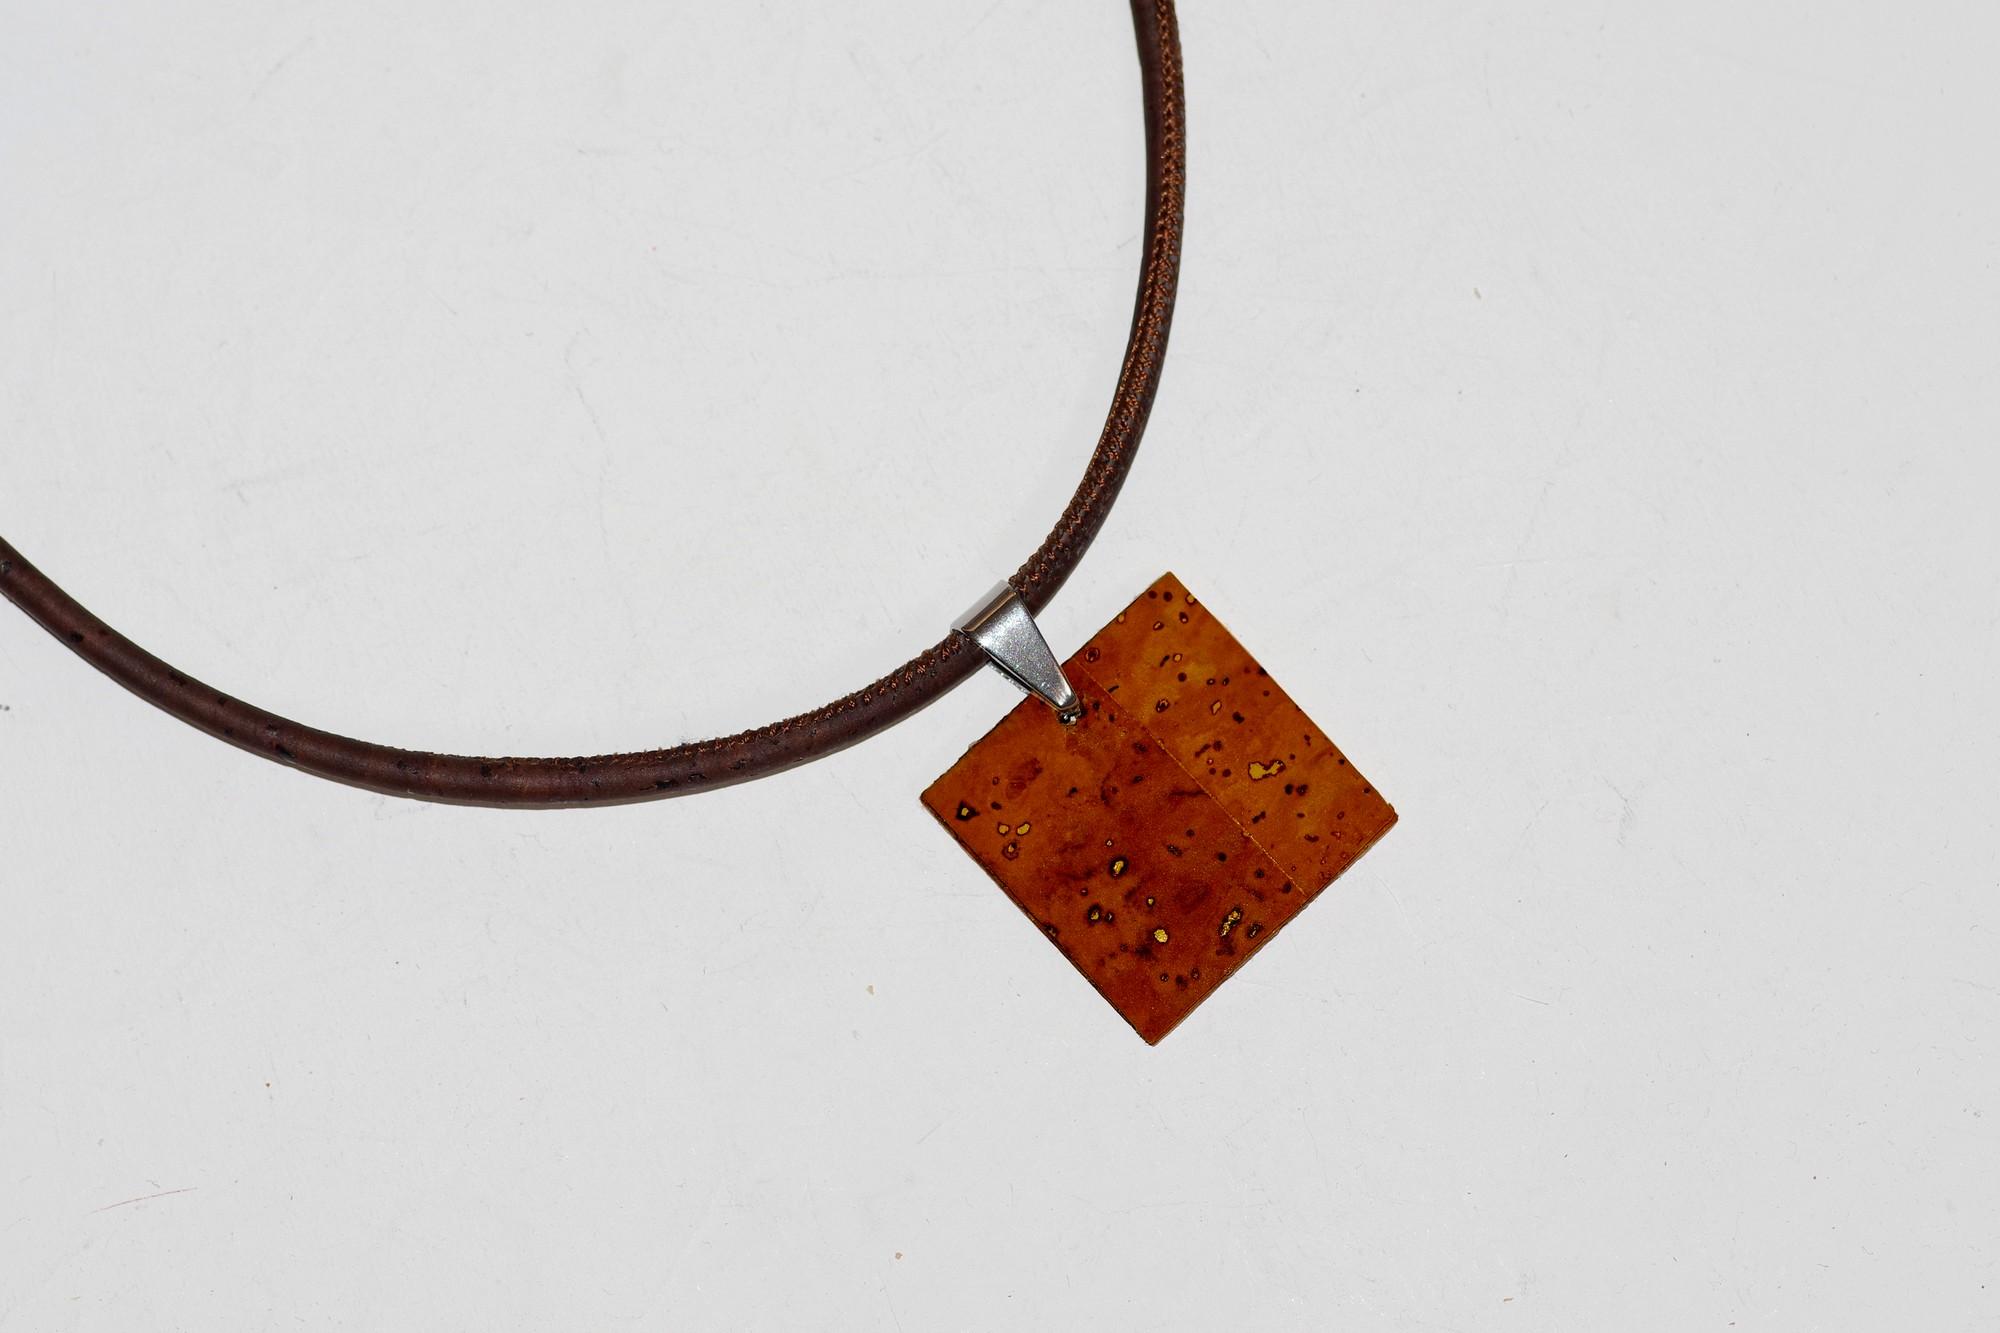 pendentif de liège marron roux, cordon de liège marron, look naturel et très épuré